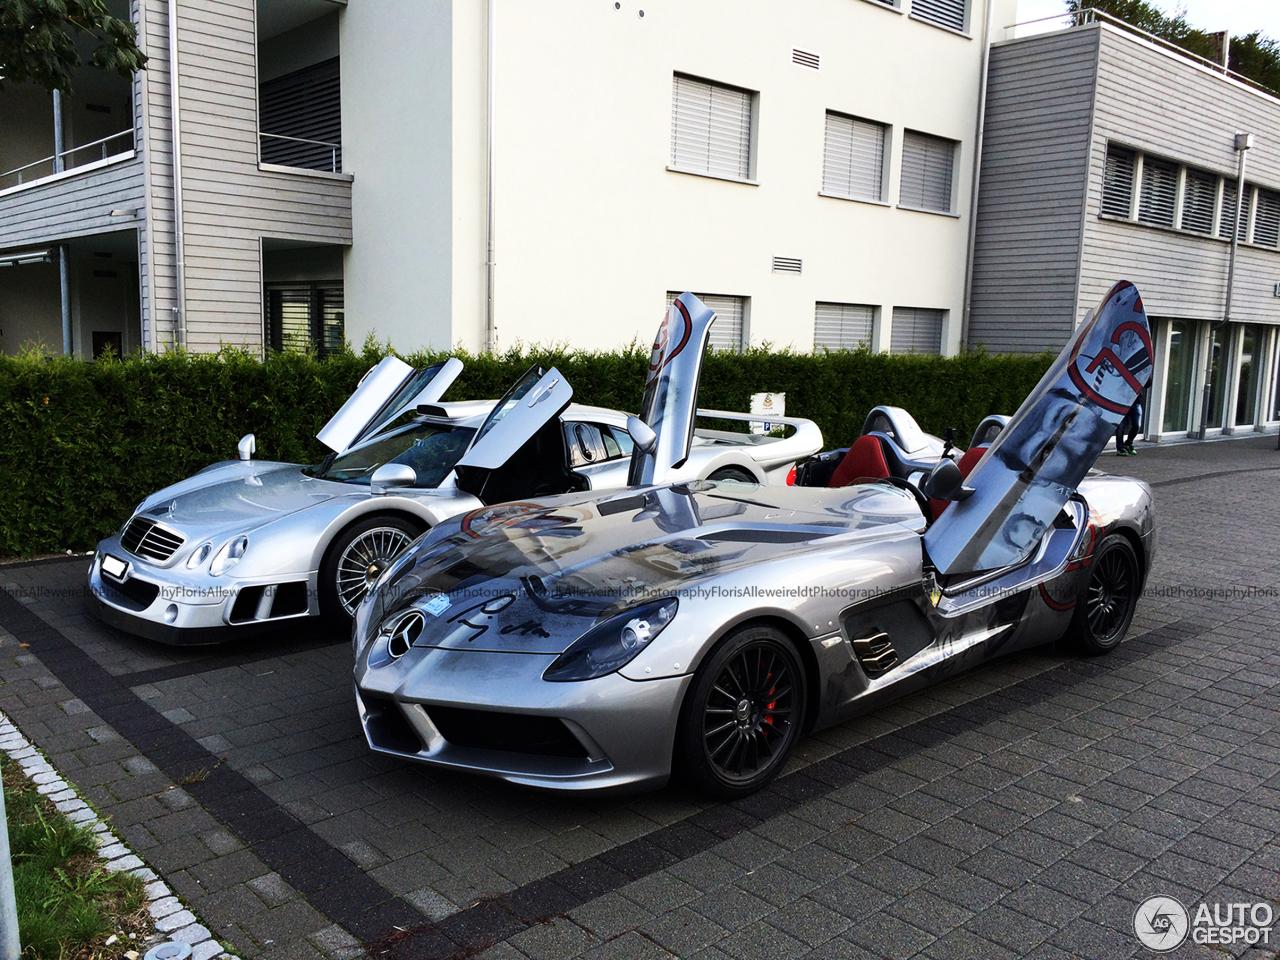 Mercedes Benz Clk Gtr Amg 18 May 2016 Autogespot